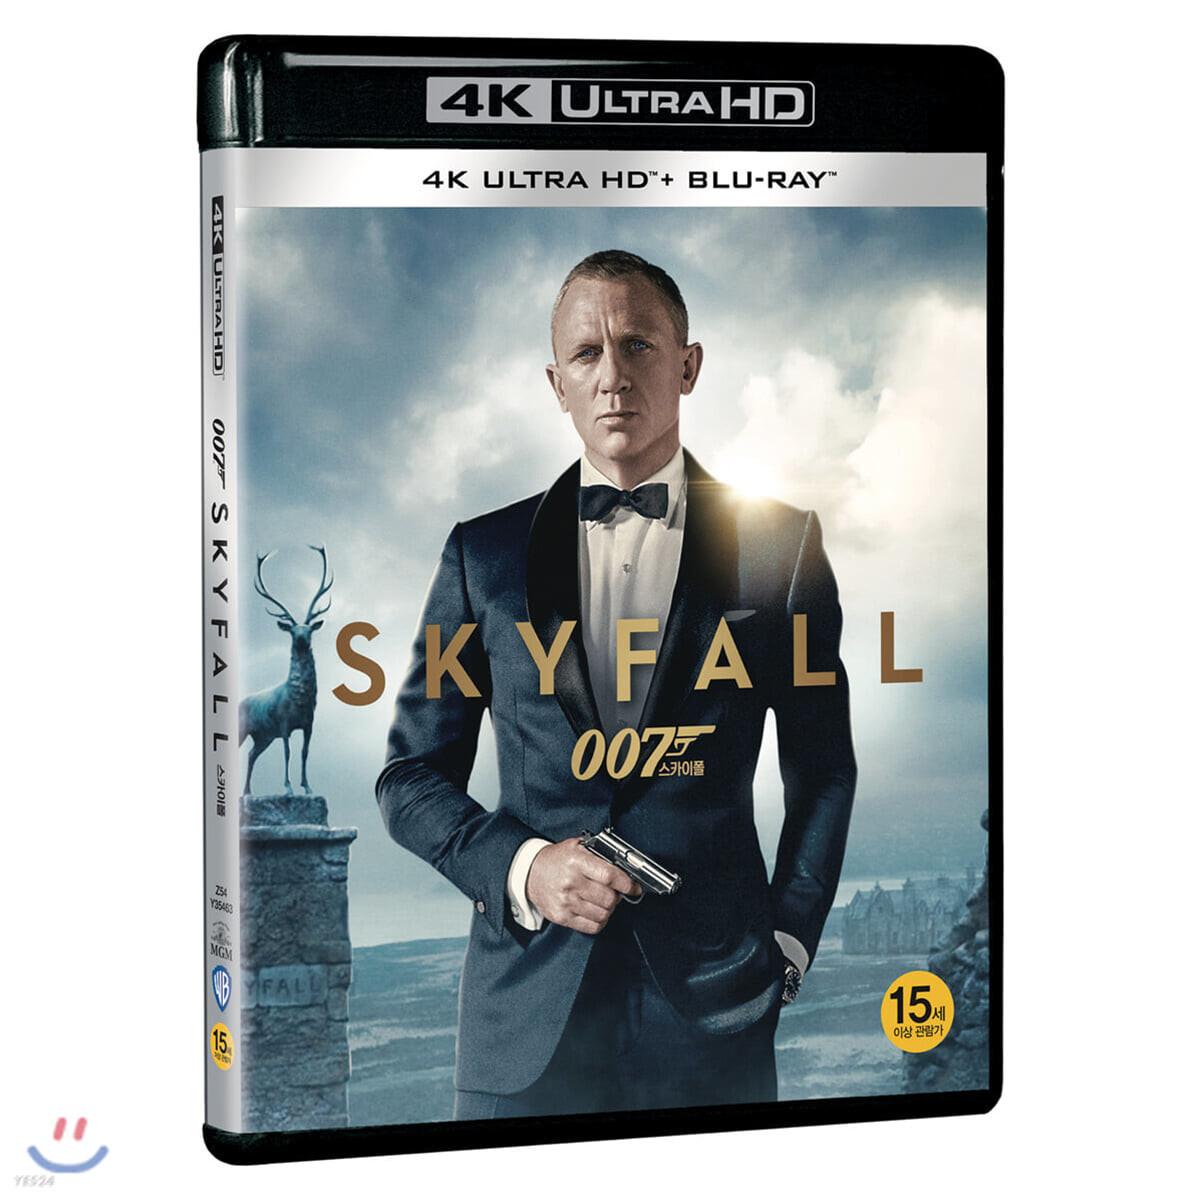 007 스카이폴 (2Disc, 4K UHD) : 블루레이